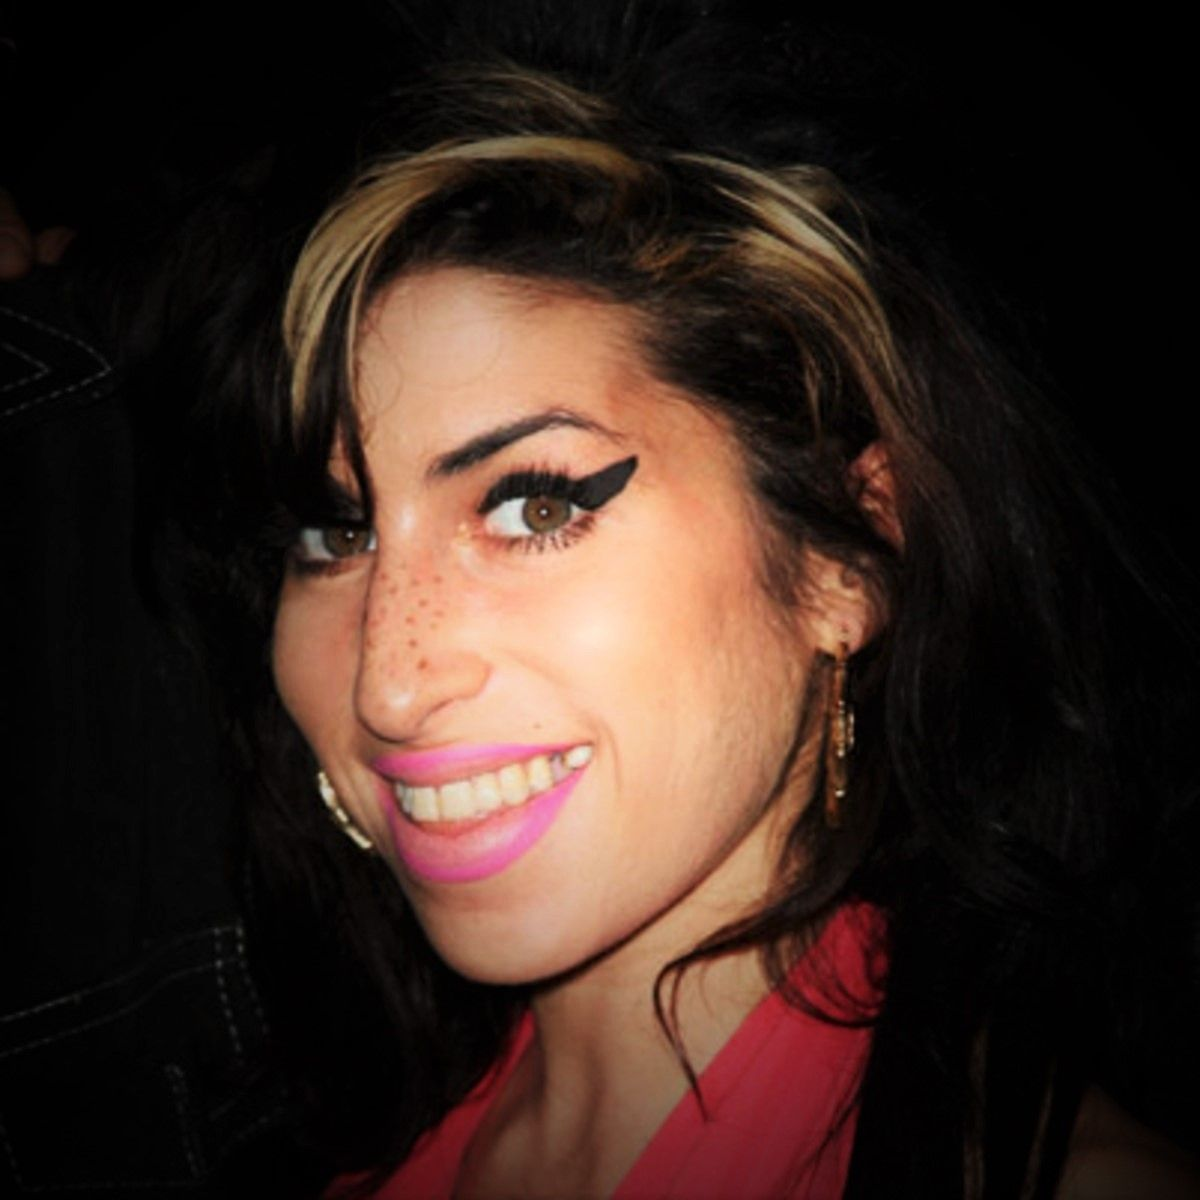 Neue Frisuren 2018 Wie Man Amy Winehouse Frisur Bekommt Weissehaare